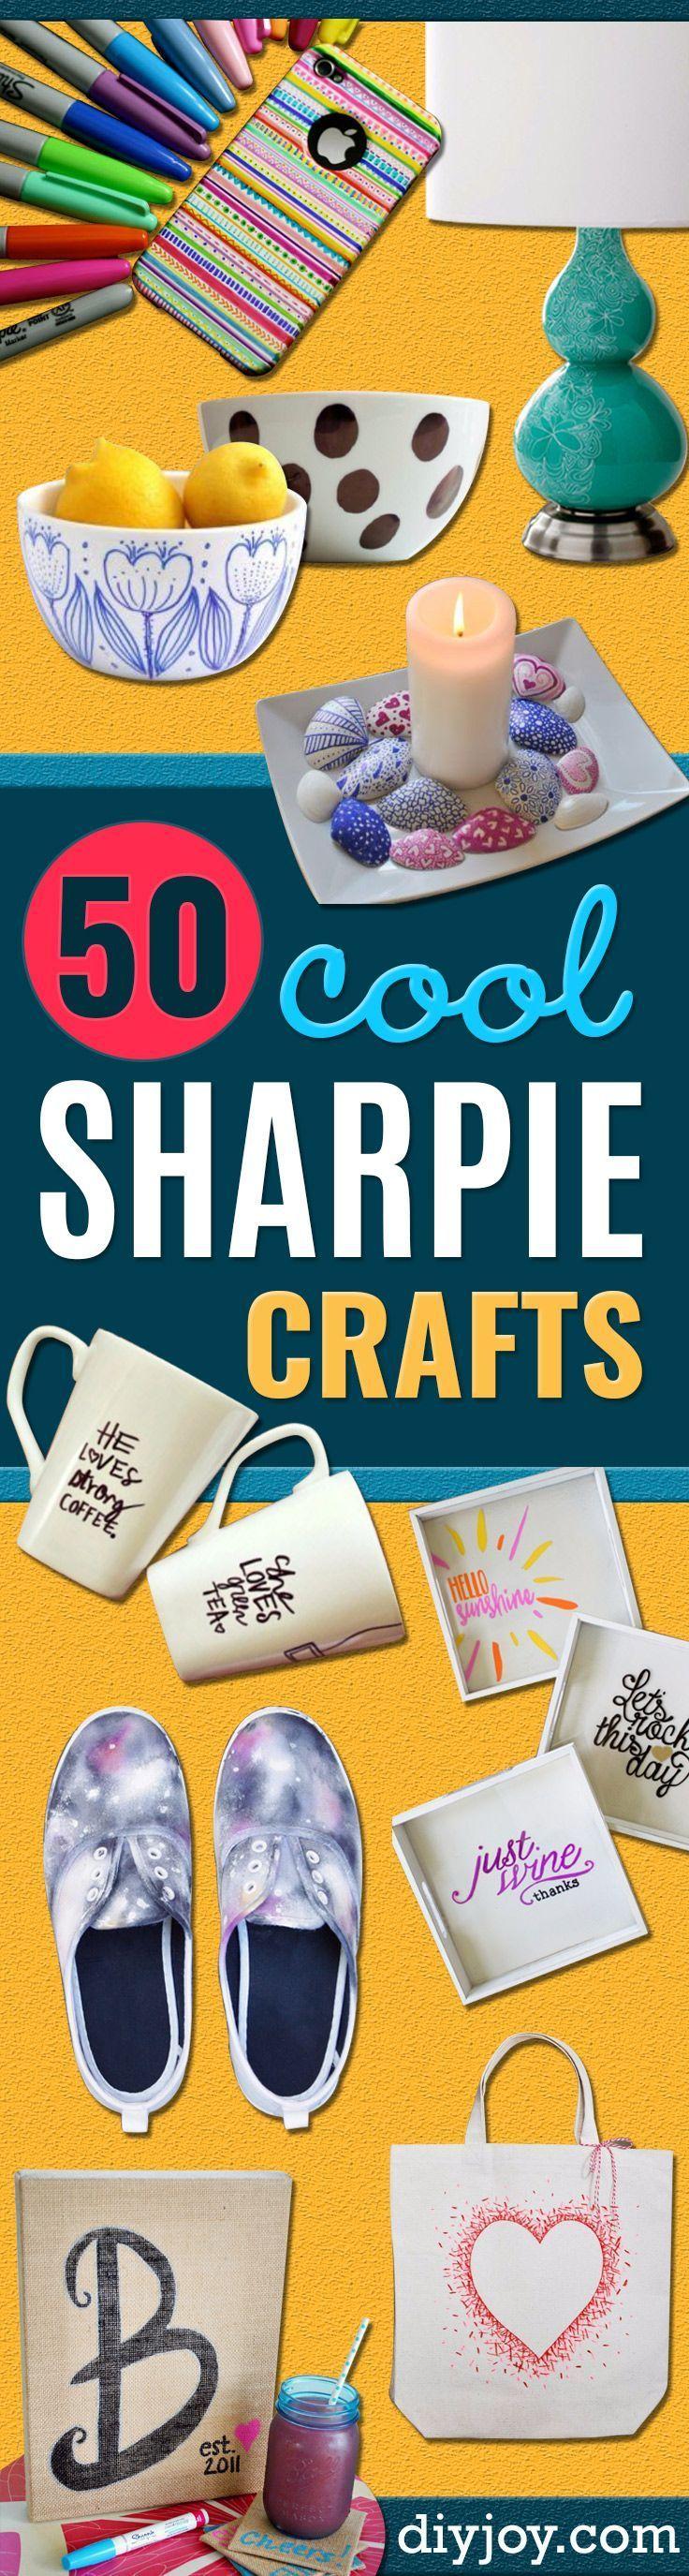 25+ unique Sharpie art projects ideas on Pinterest | Sharpie ...